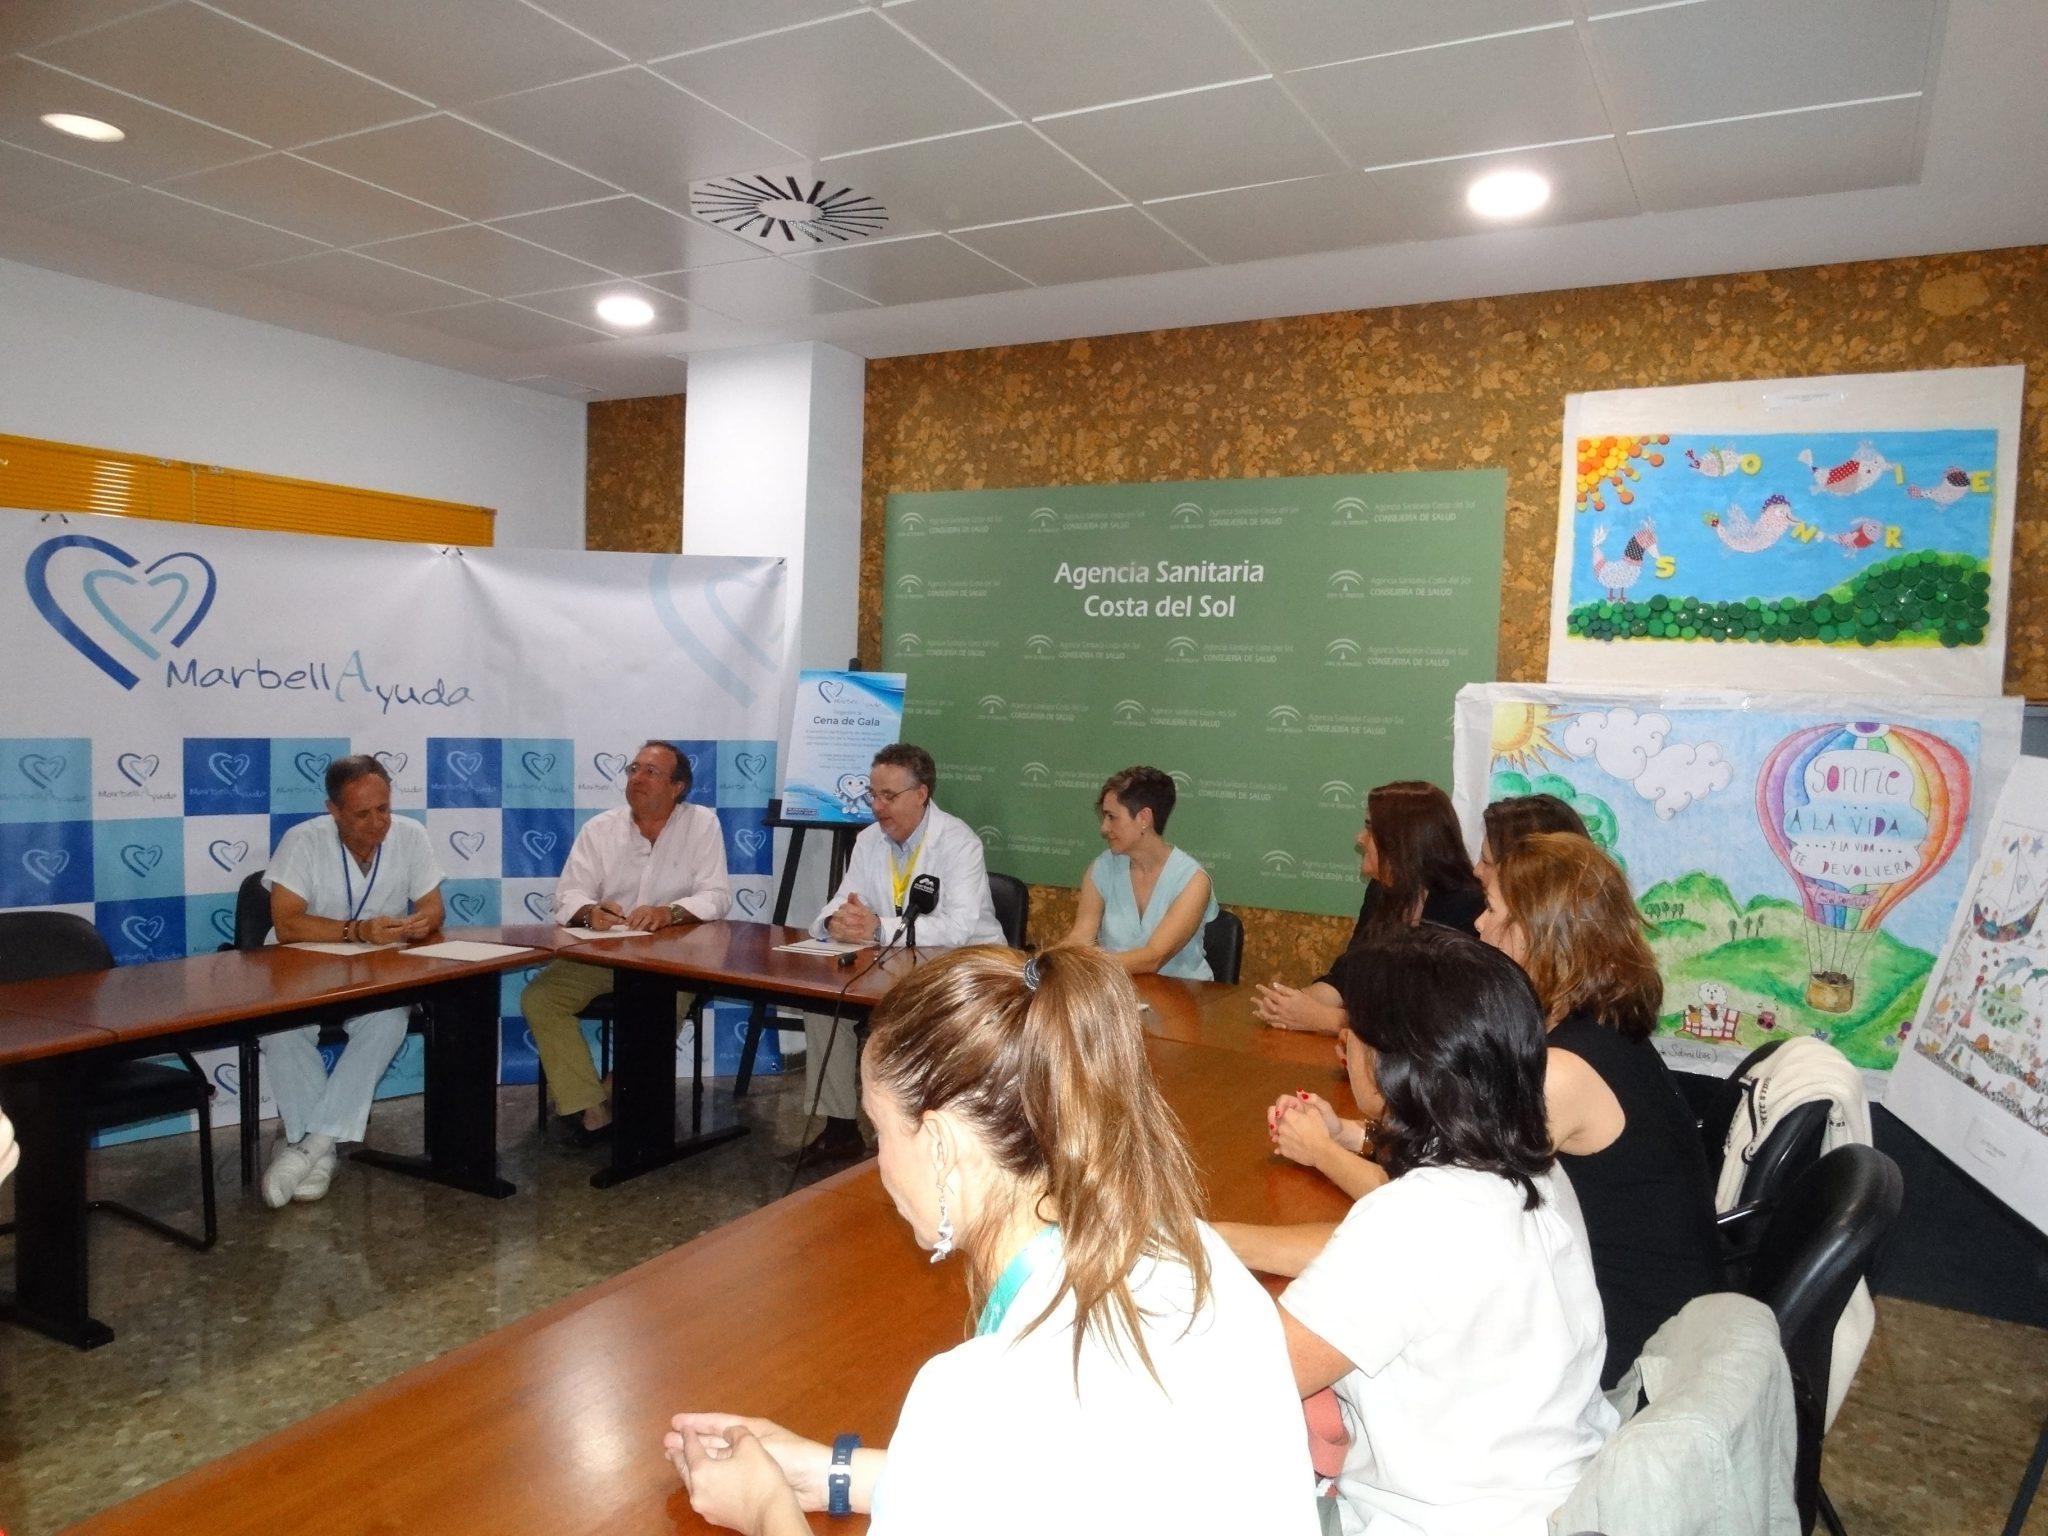 El Hospital Costa del Sol acoge la presentación de la gala solidaria de la Asociación MarbellAyuda